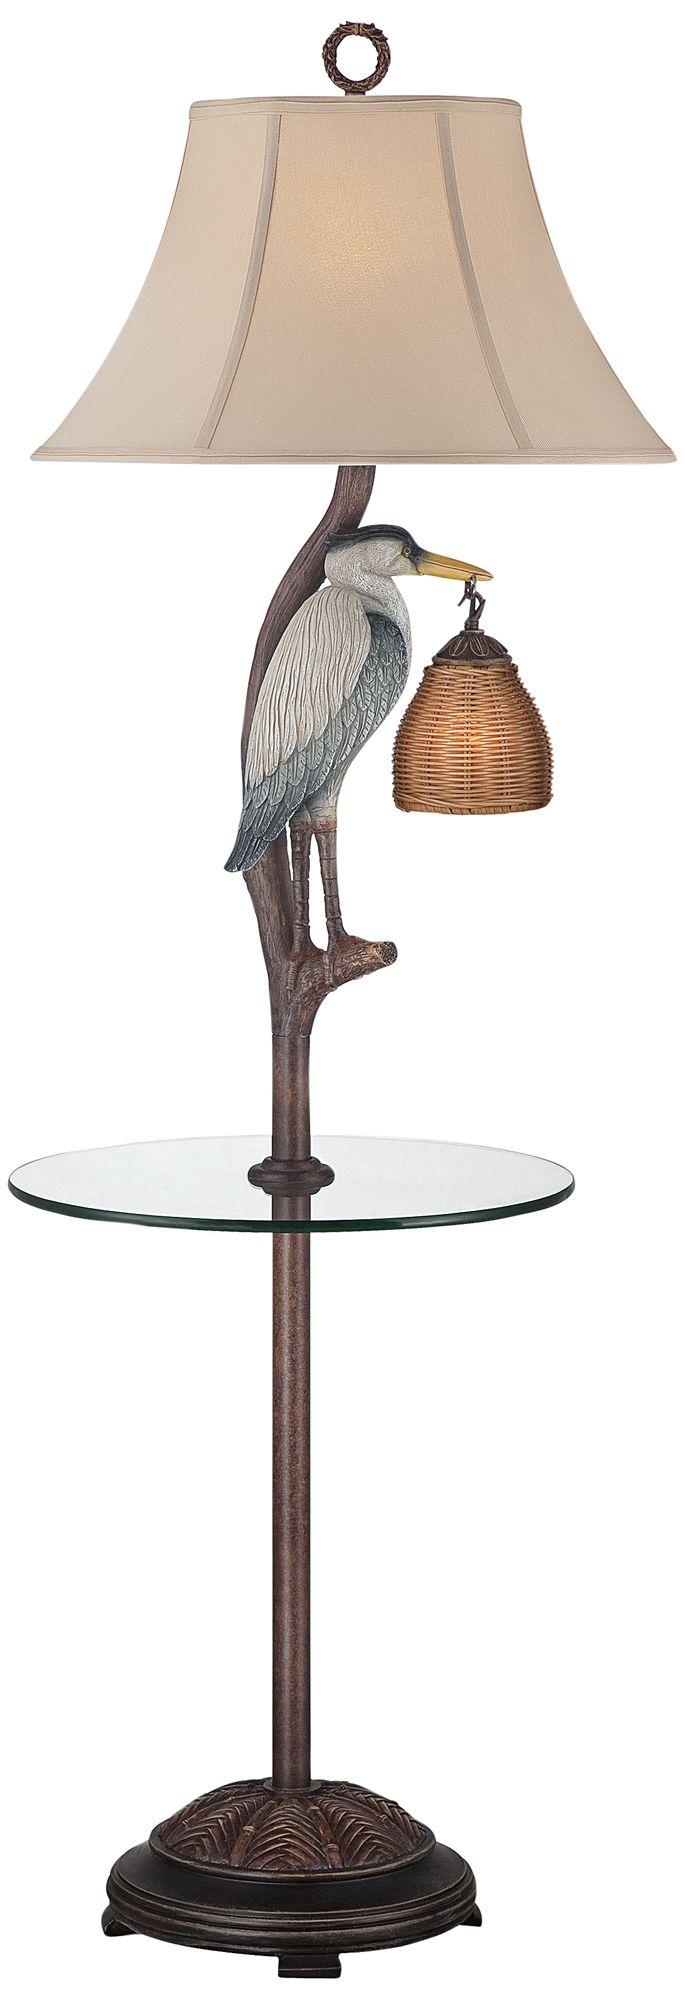 allen roth woodbine 605in brushed nickel 3way floor lamp wit